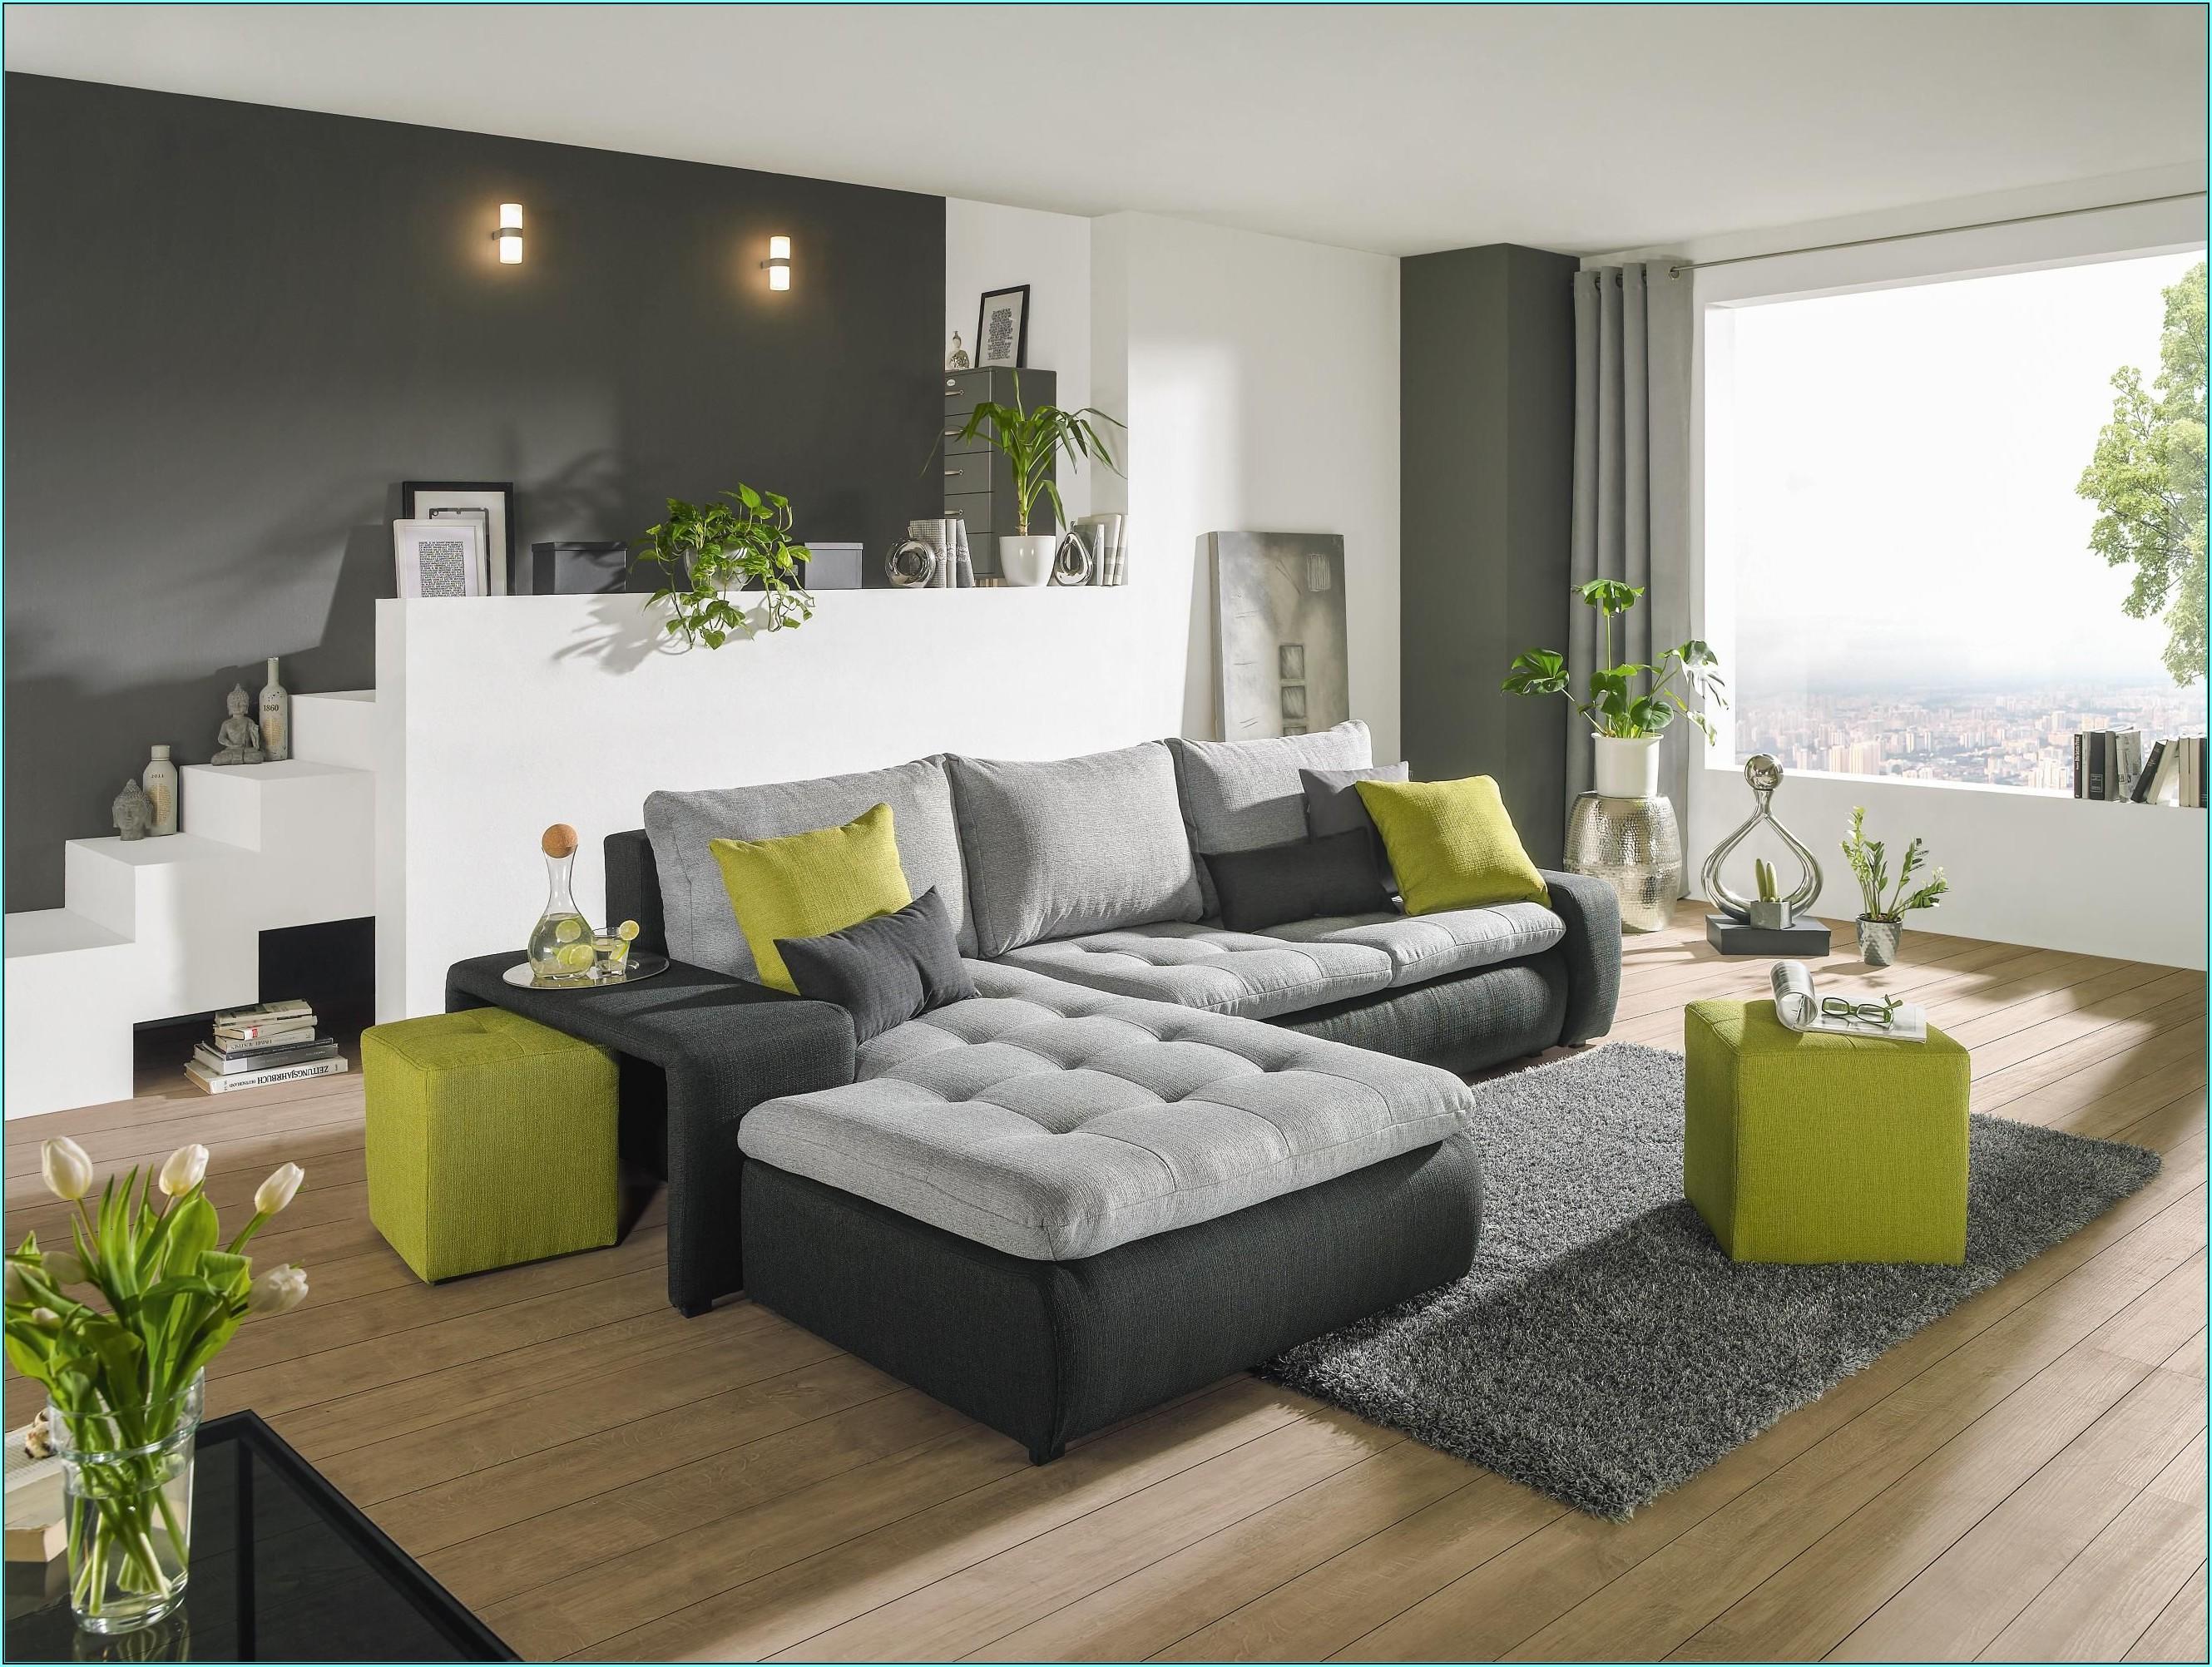 Wohnzimmer Ideen Grün Grau